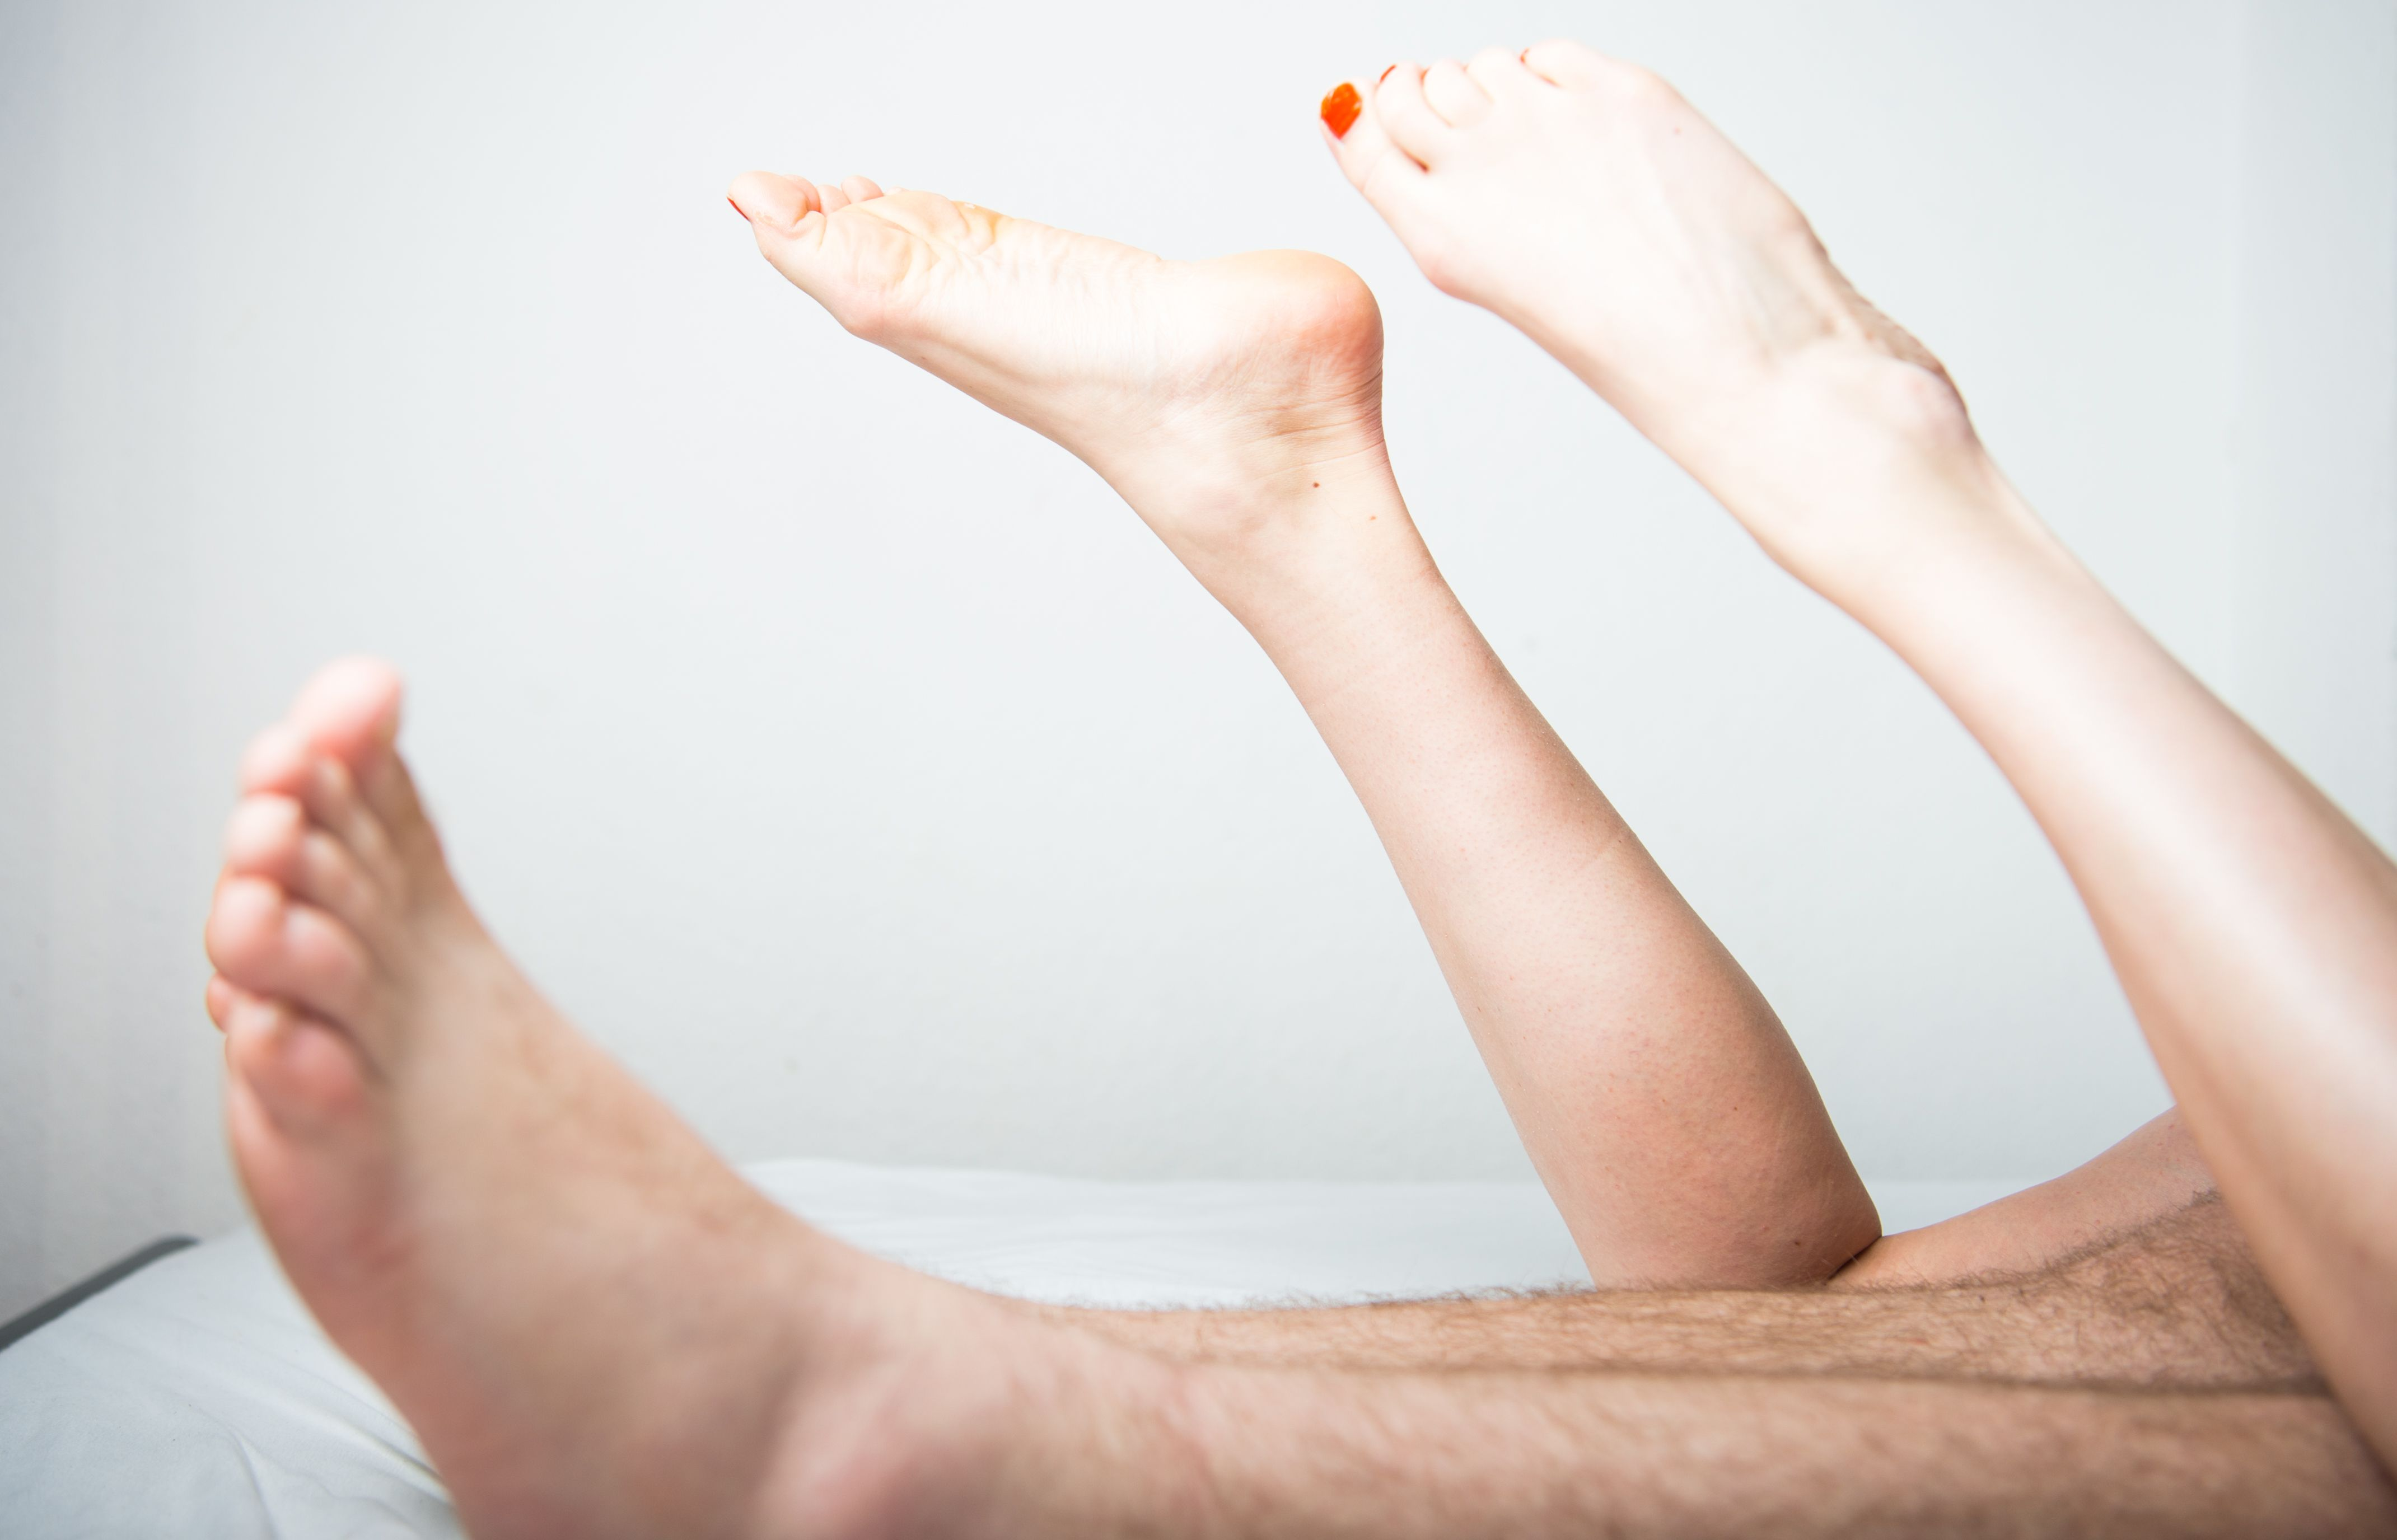 ¿En qué posición sexual quemas más calorías?